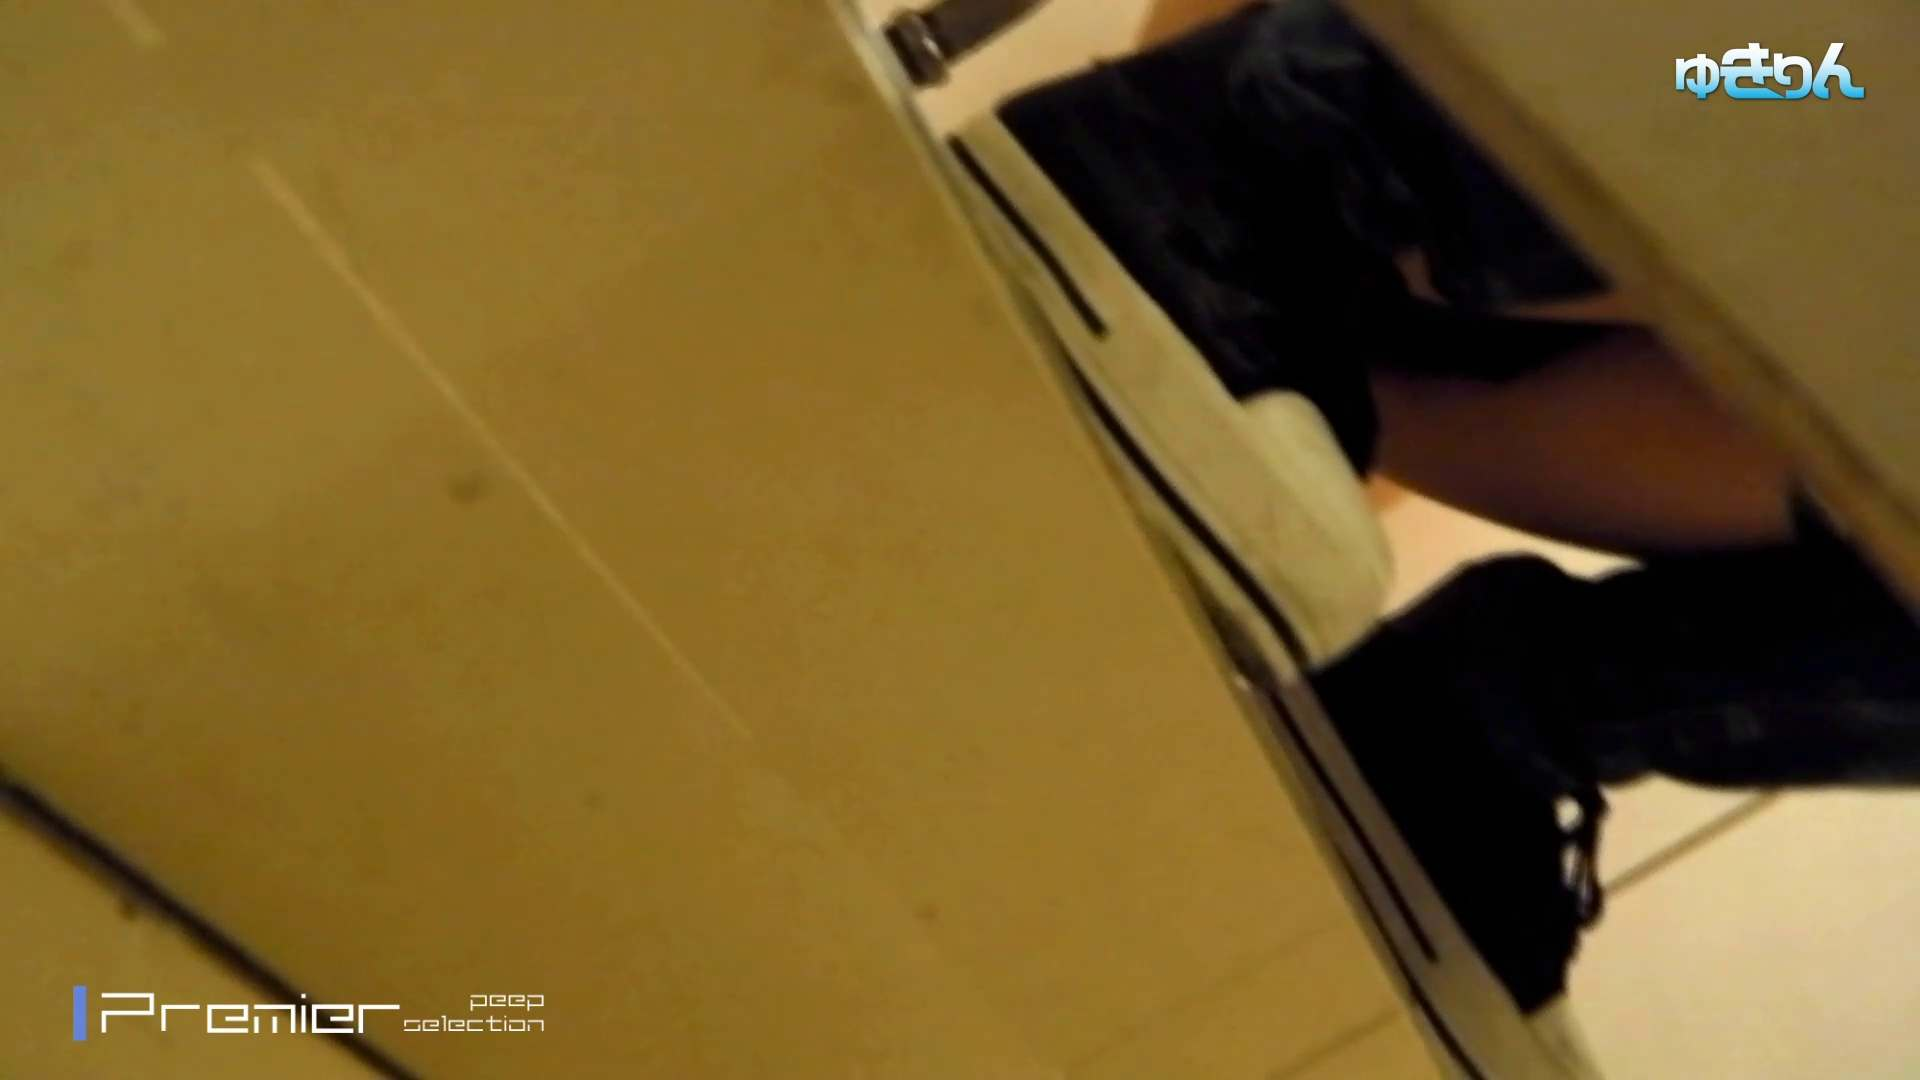 新世界の射窓 No97 ドアップの空爆 お姉さんのSEX セックス画像 100枚 5